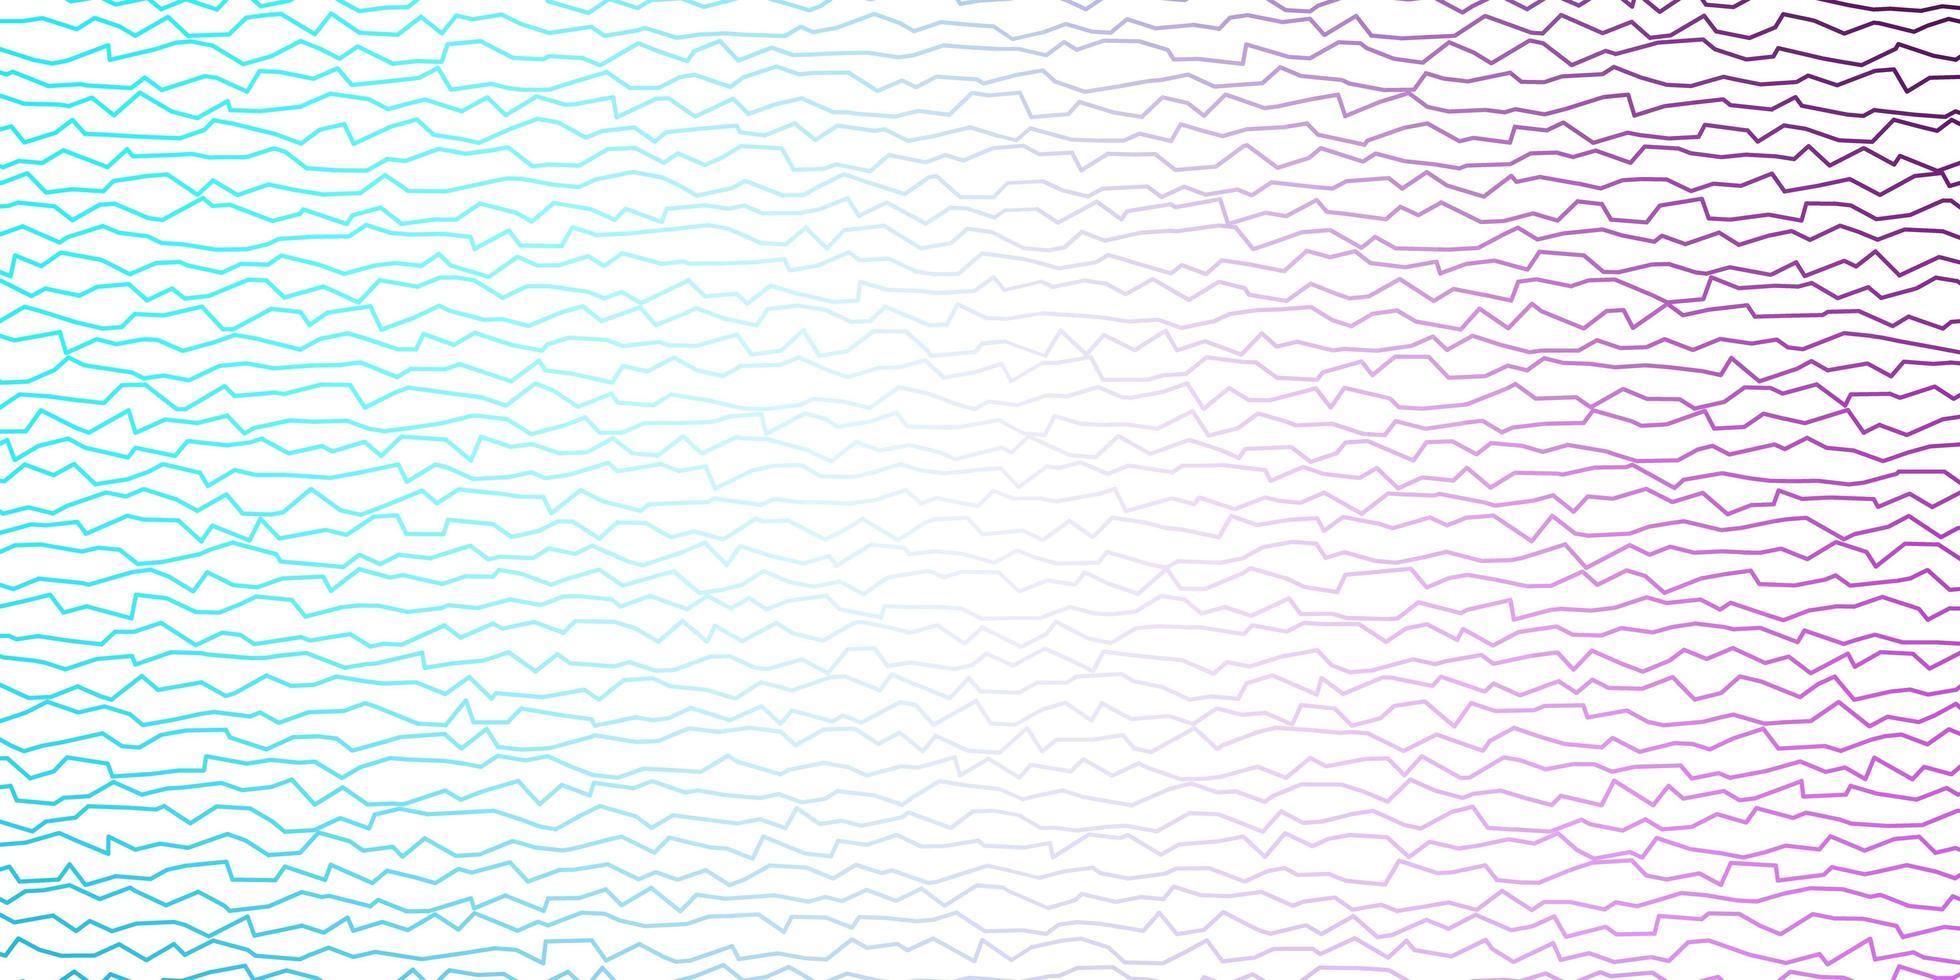 layout roxo e azul com linhas irônicas. vetor